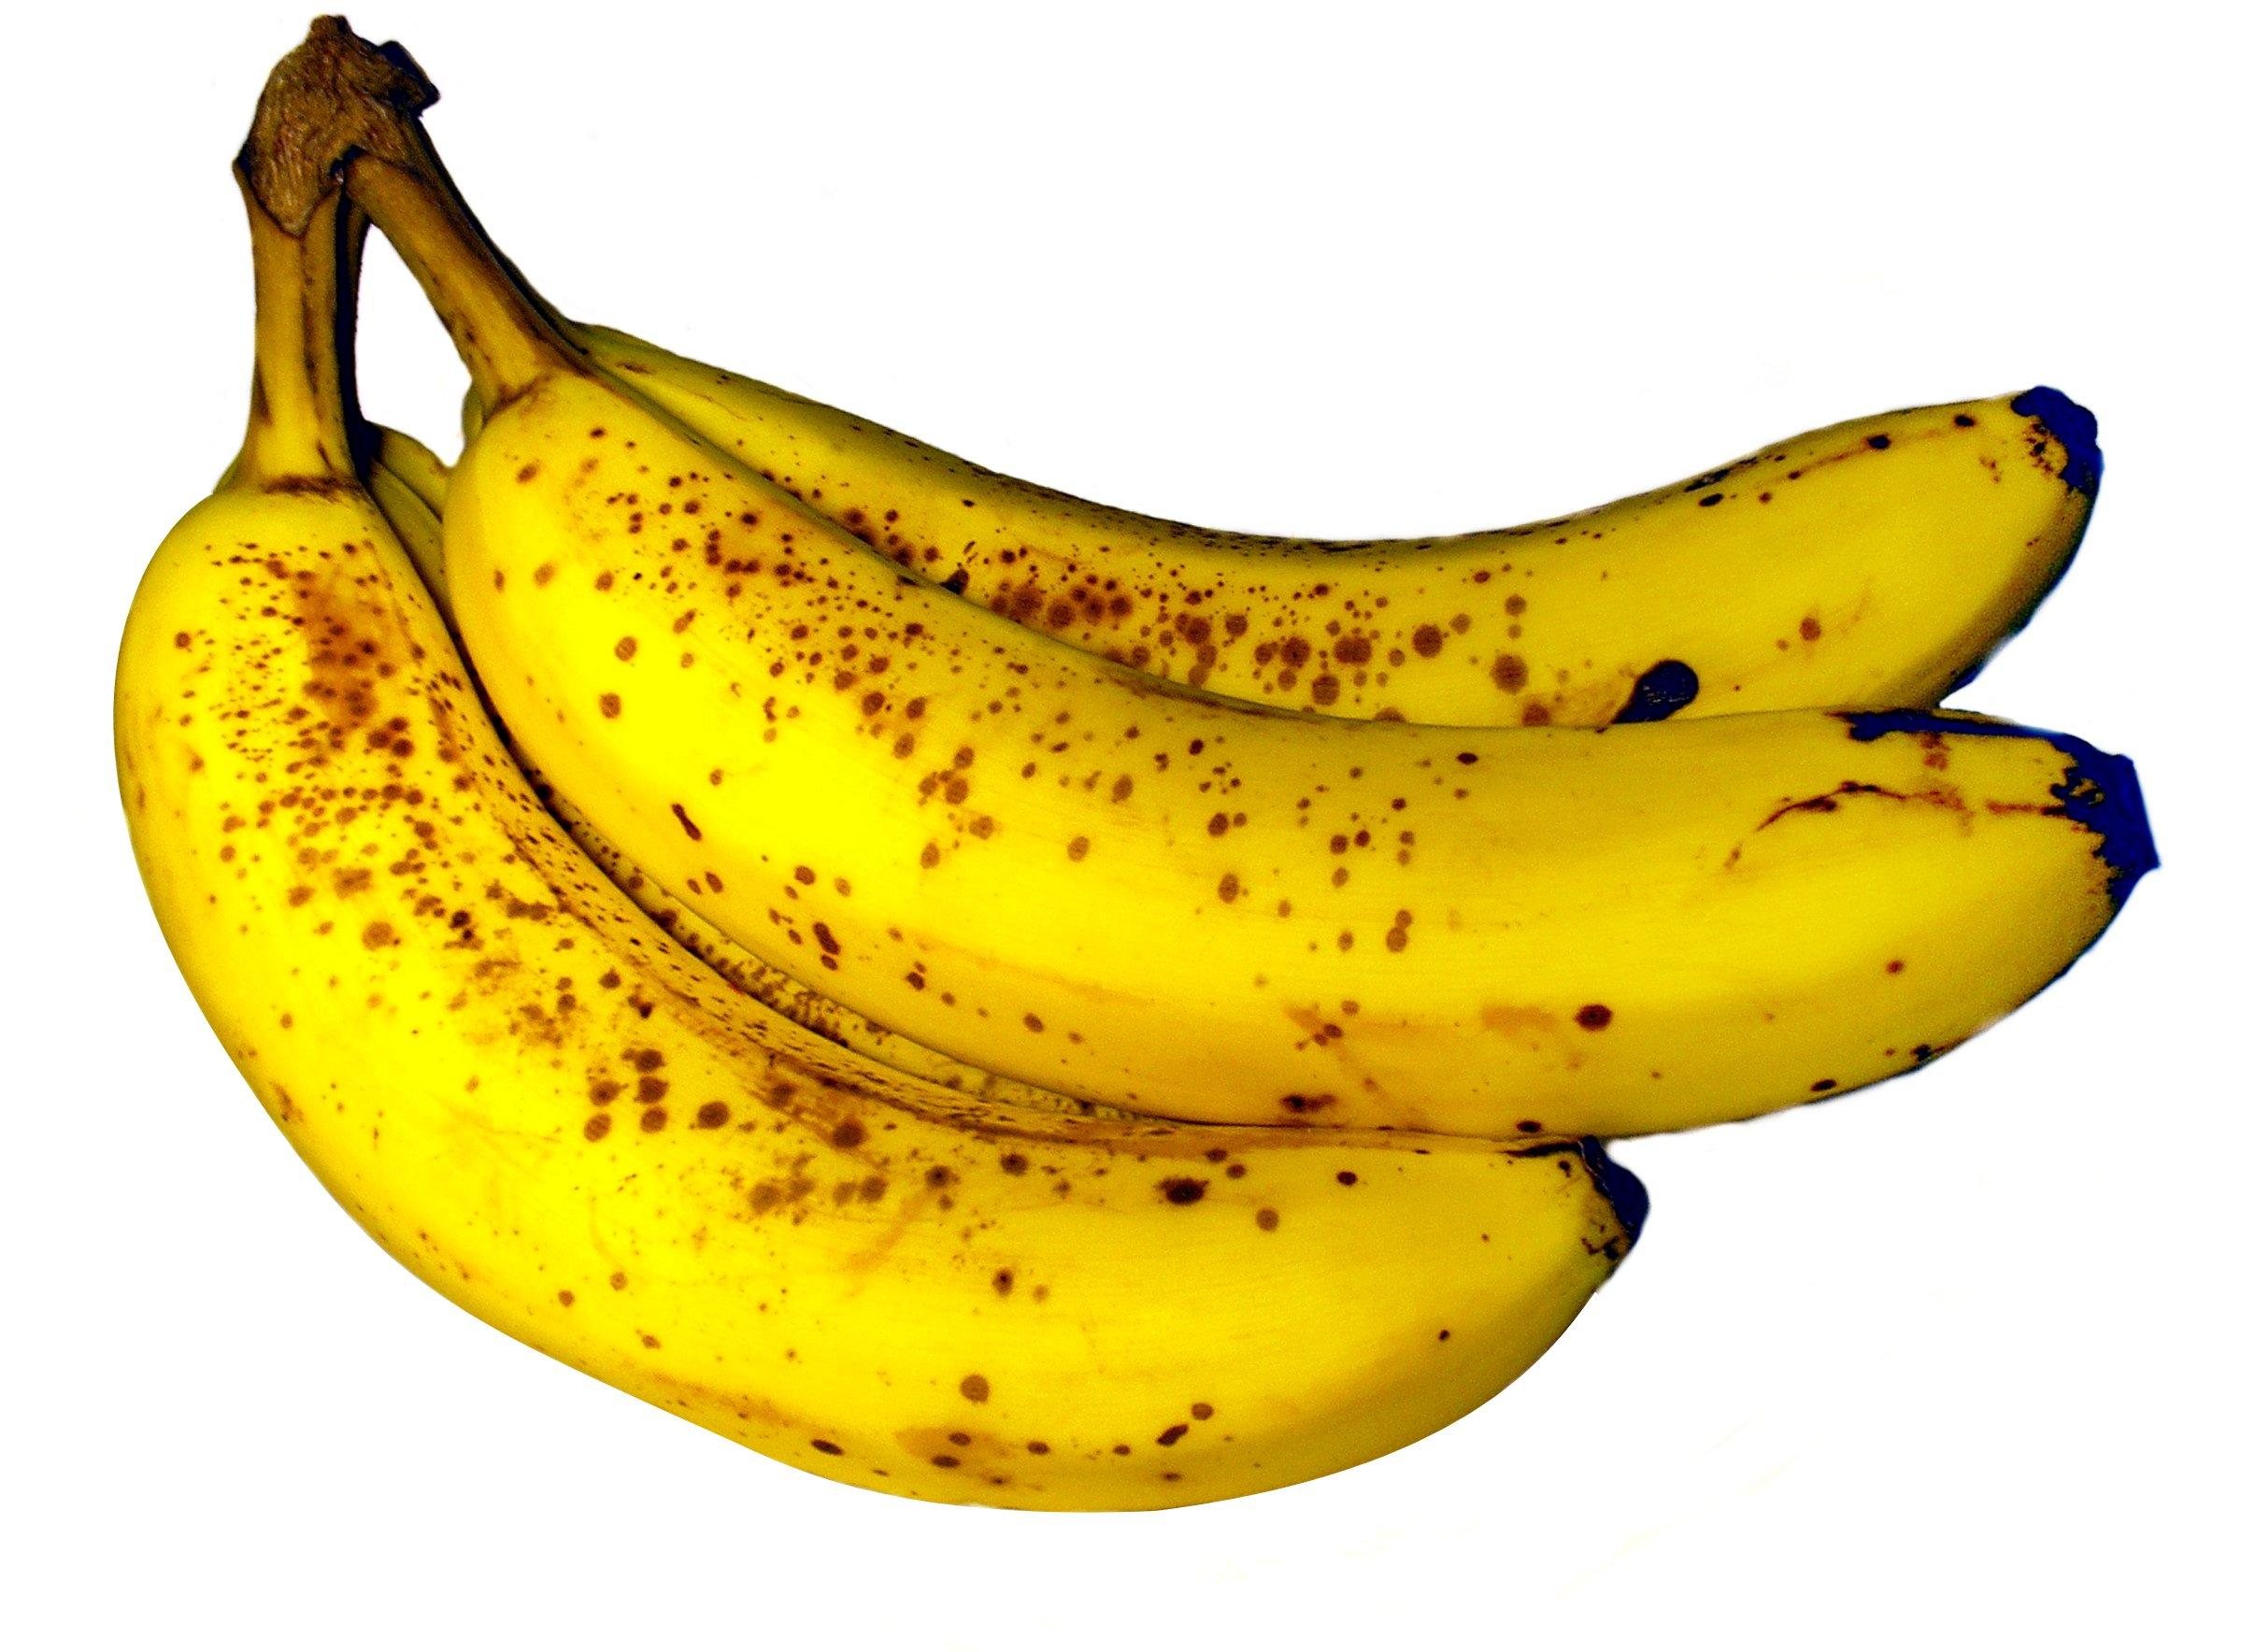 Bananenkisten sind nur der Anfang – Drogen kommen getarnt zu uns